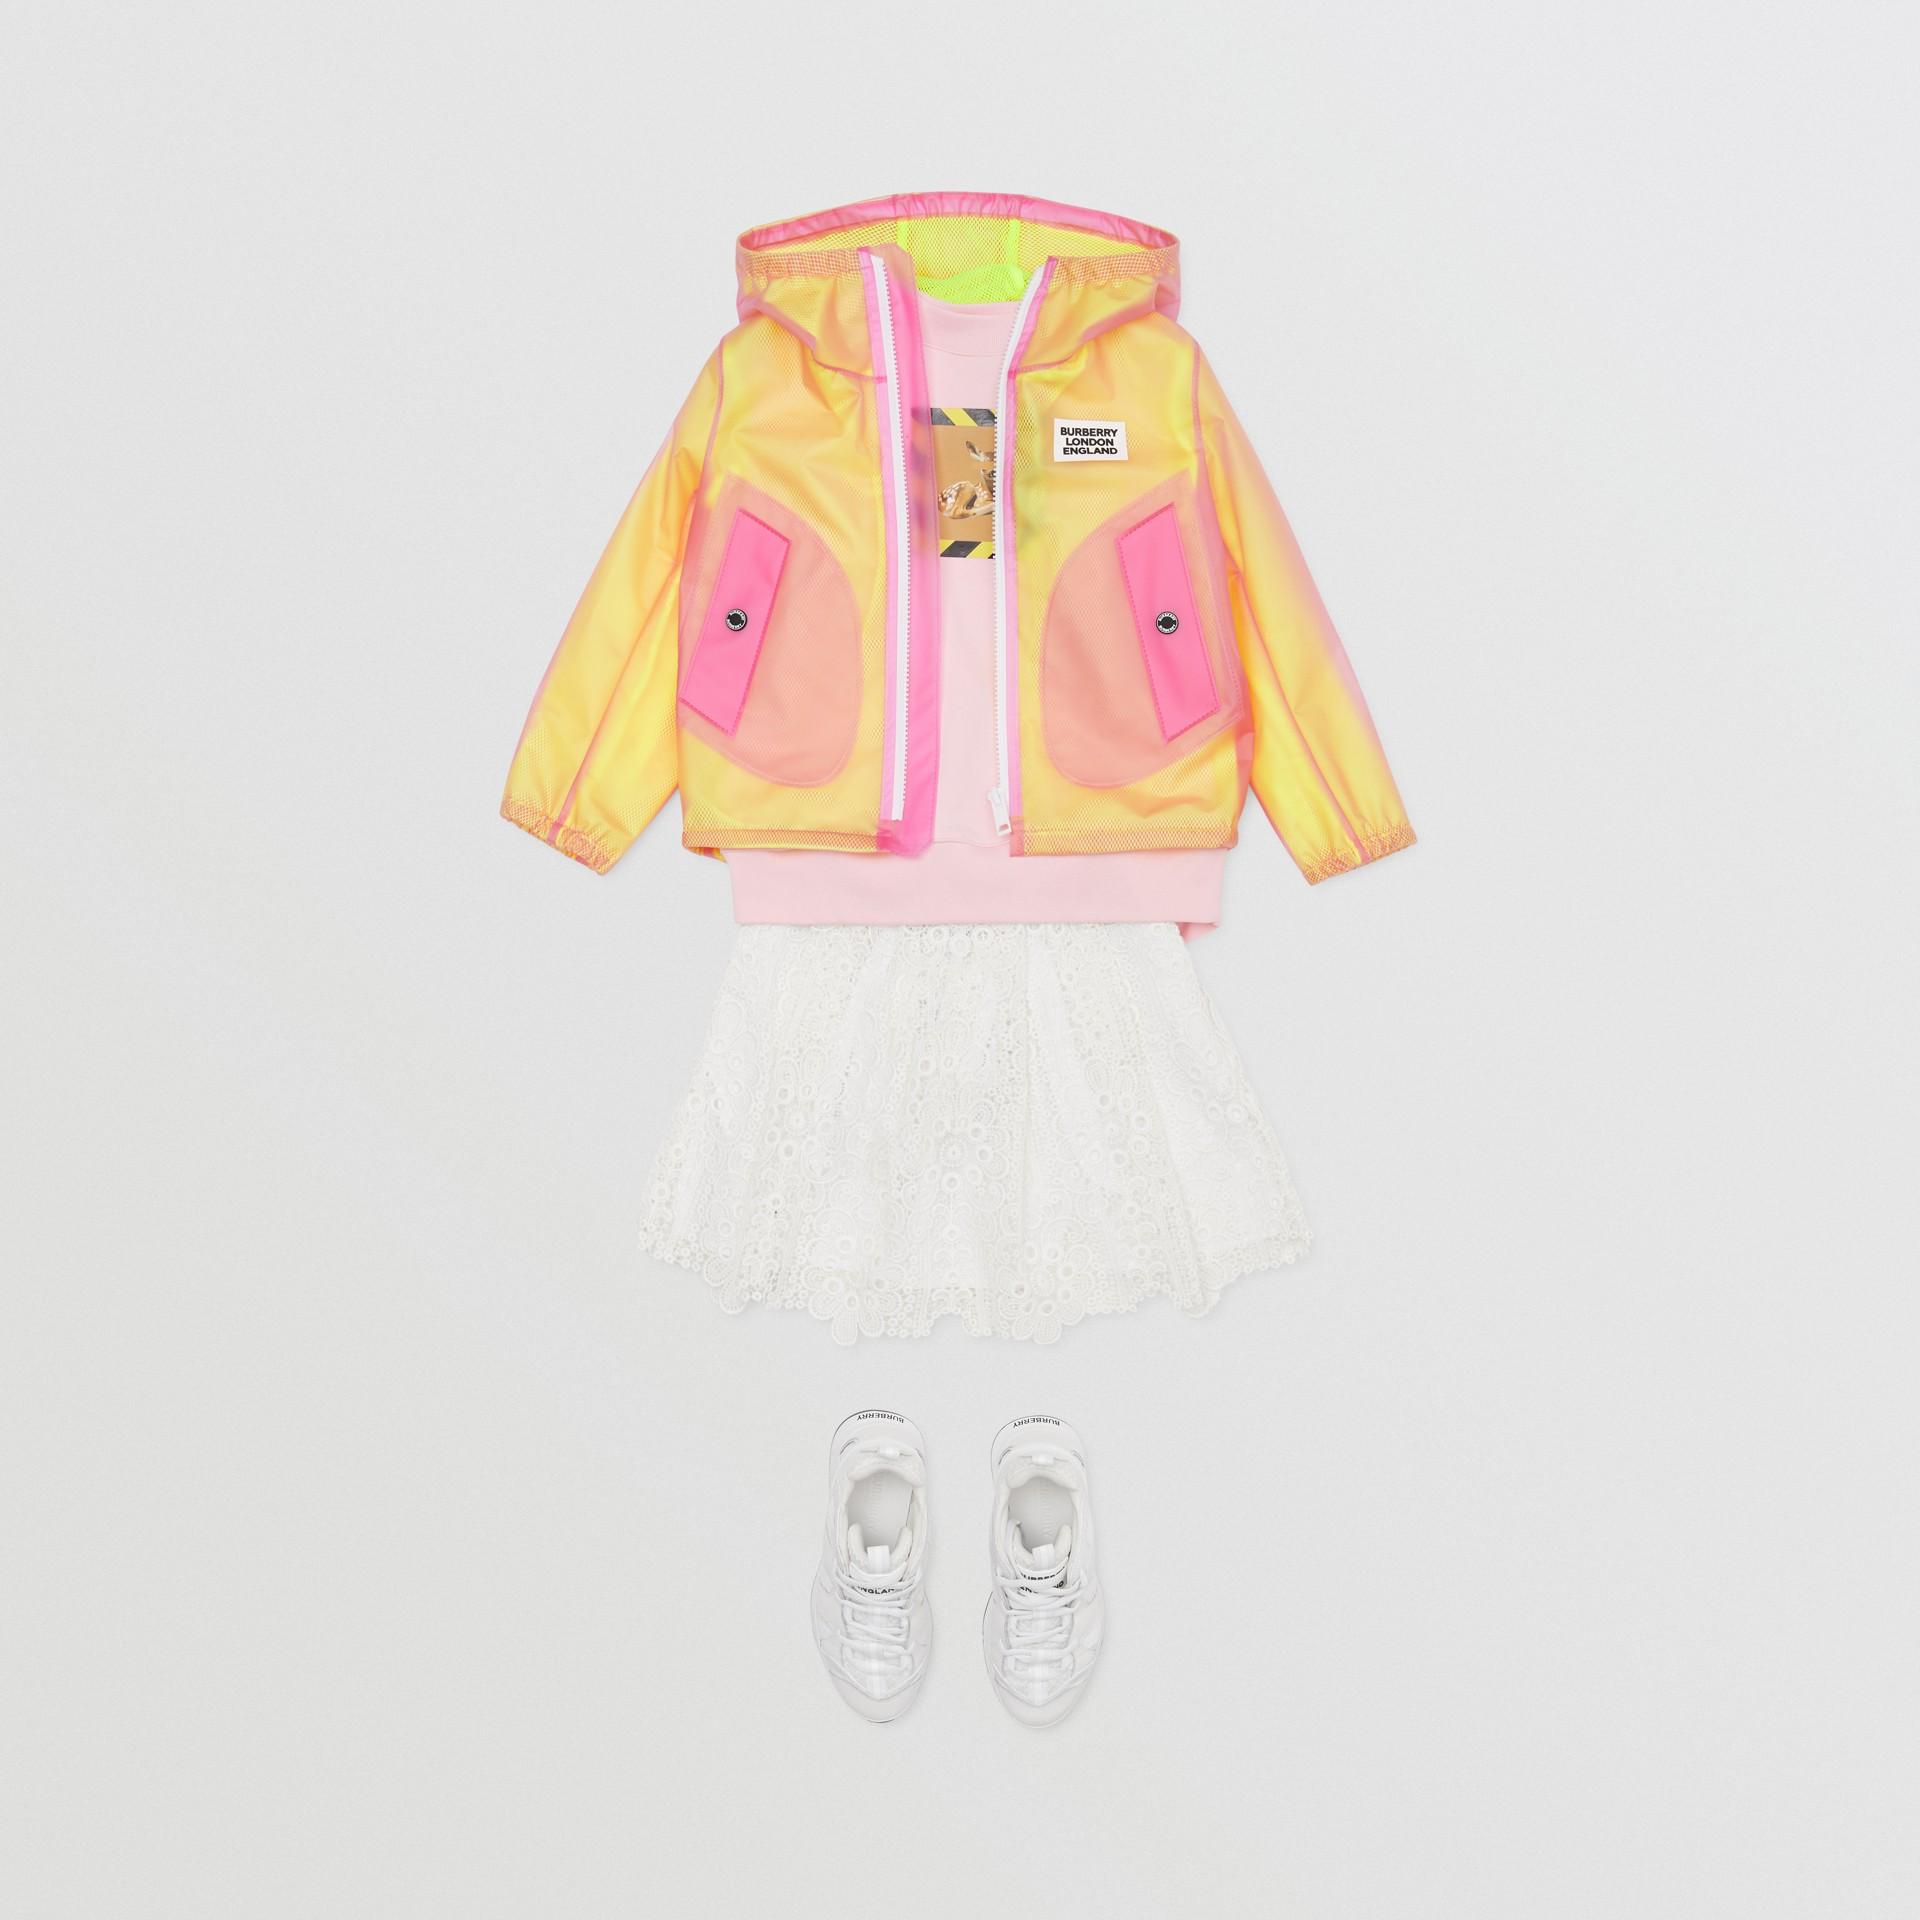 ロゴプリント ライトウェイト フーデッドジャケット (ラズベリーピンク)   バーバリー - ギャラリーイメージ 3